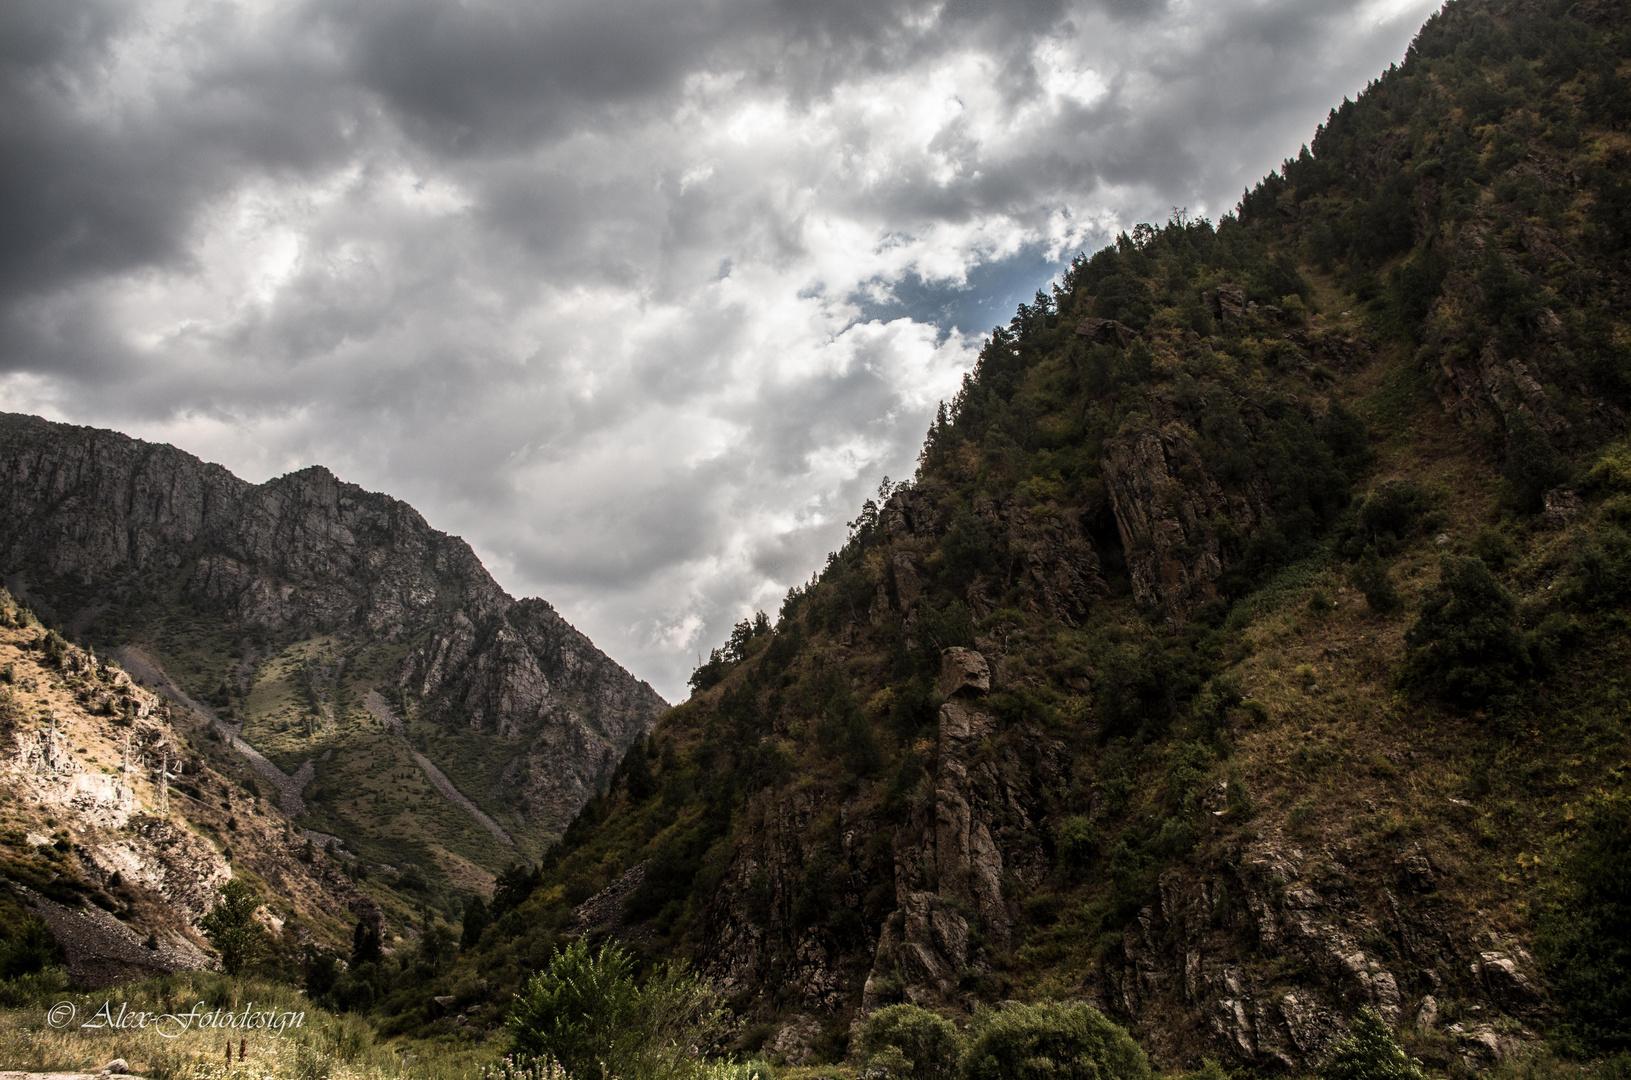 Berge in Kirgisien